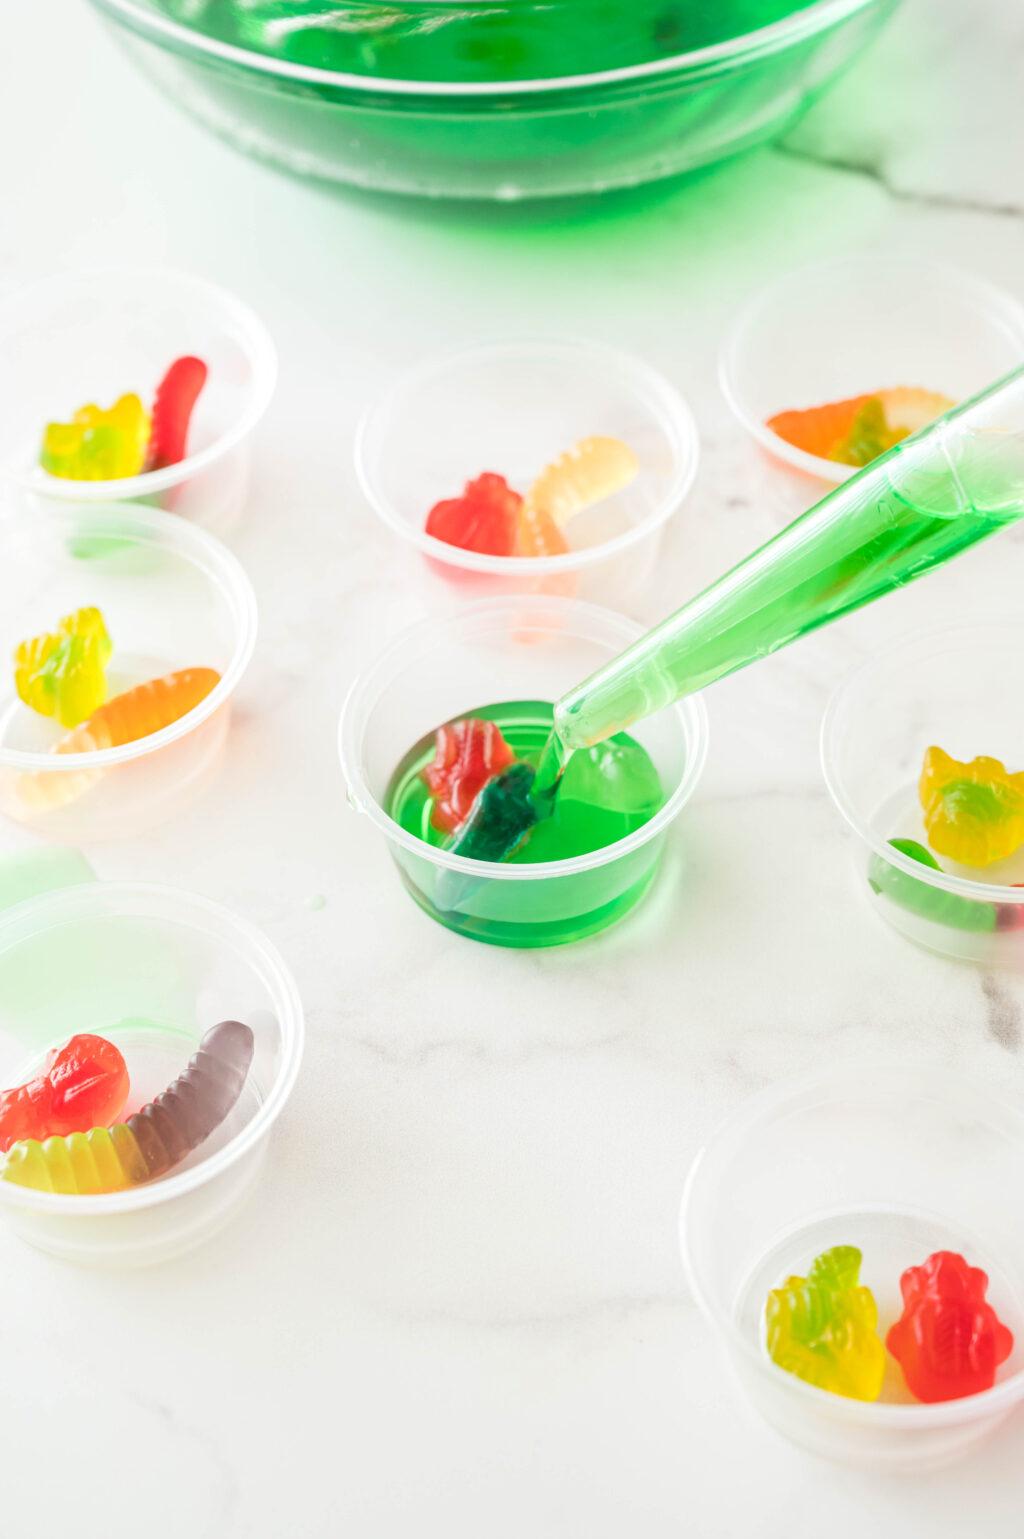 green jello poured into plastic cups